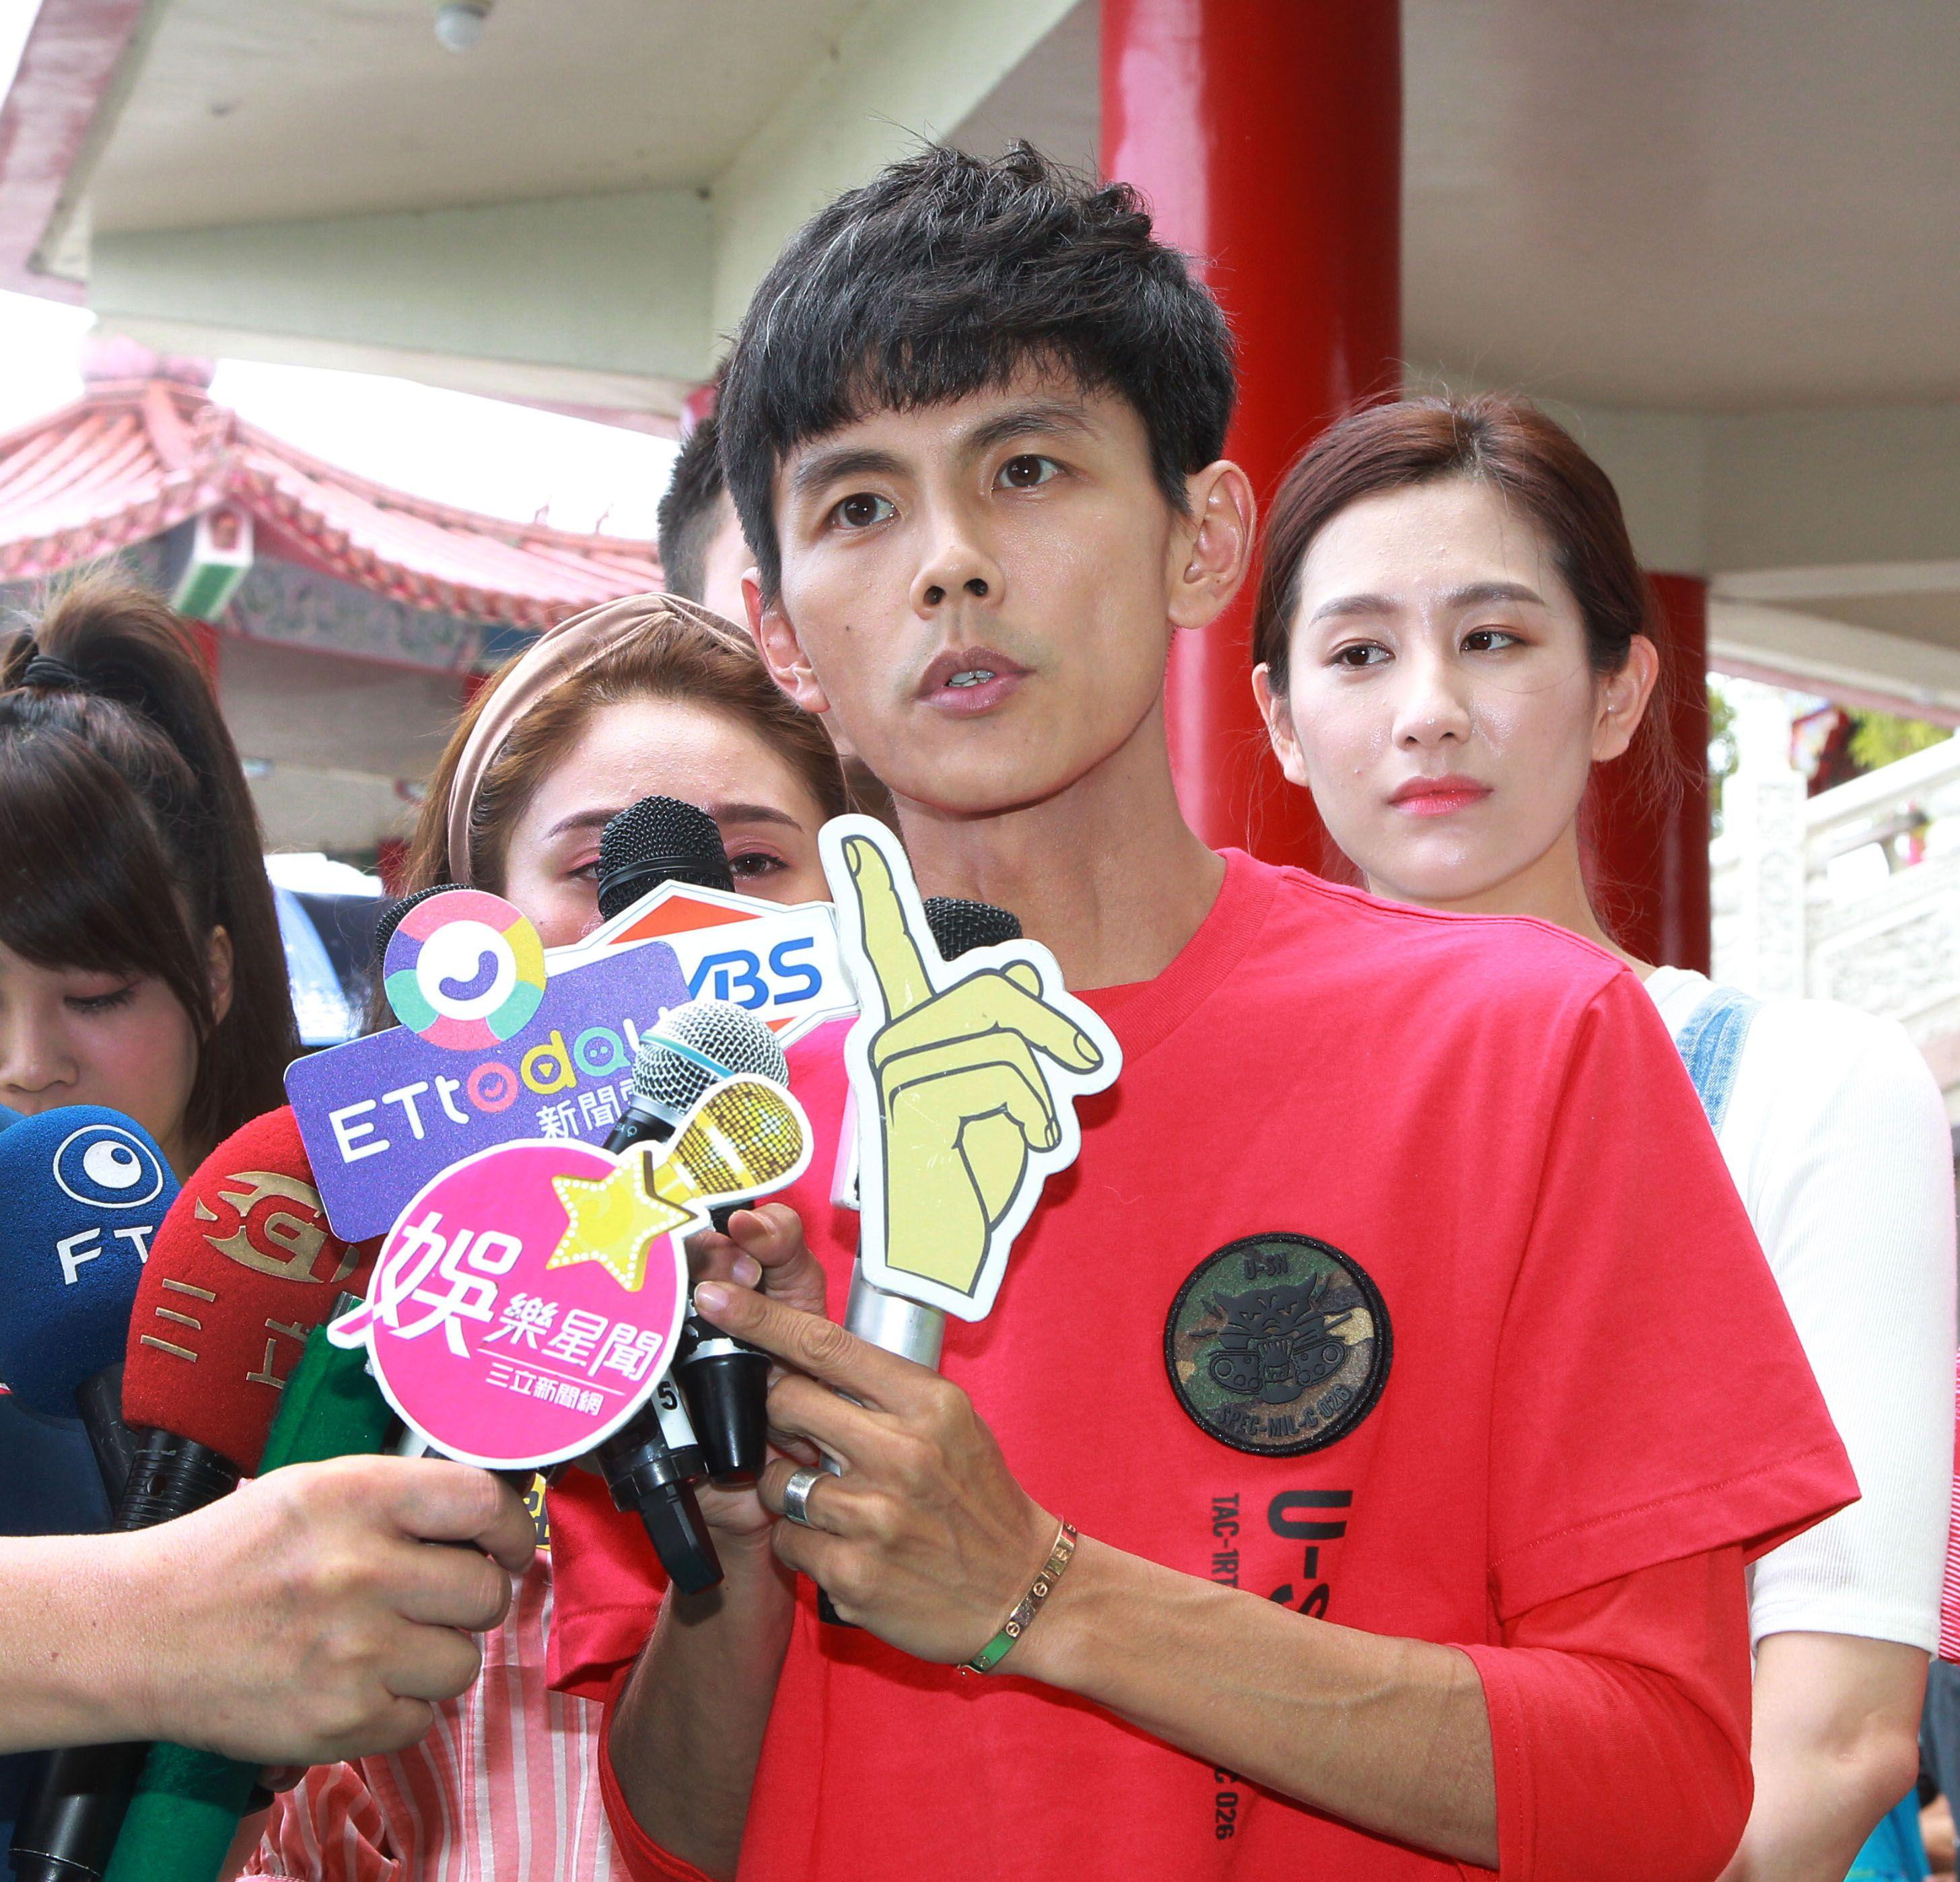 阿翔參加綜藝大集合錄影受訪時一樣,「老婆至上」,強調跟老婆會一起往好的方向走。(記者邱榮吉/攝影)